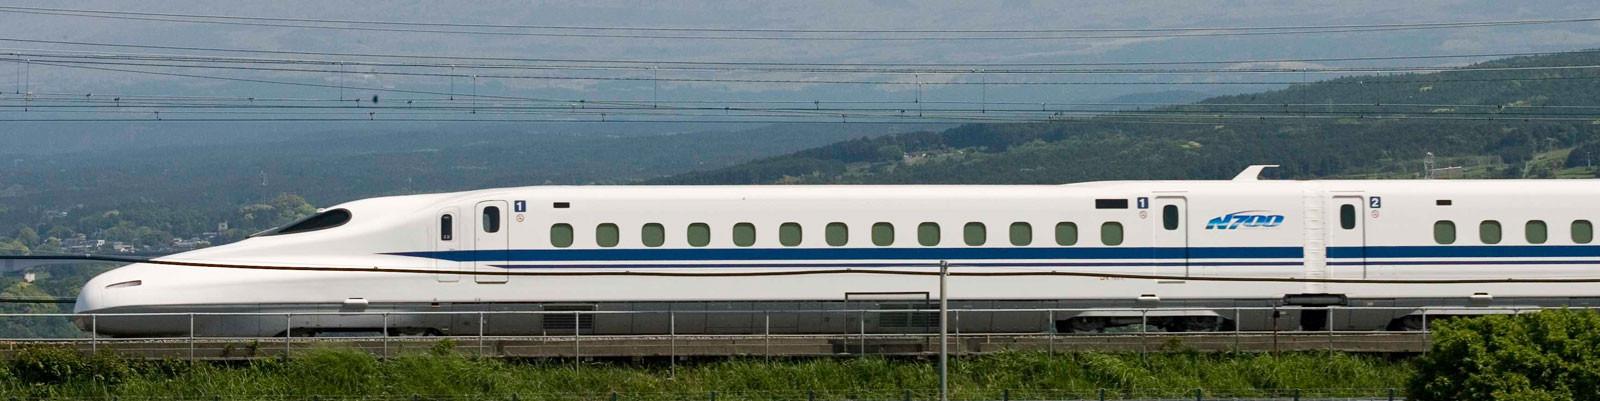 Shinkansen Trem no Japão